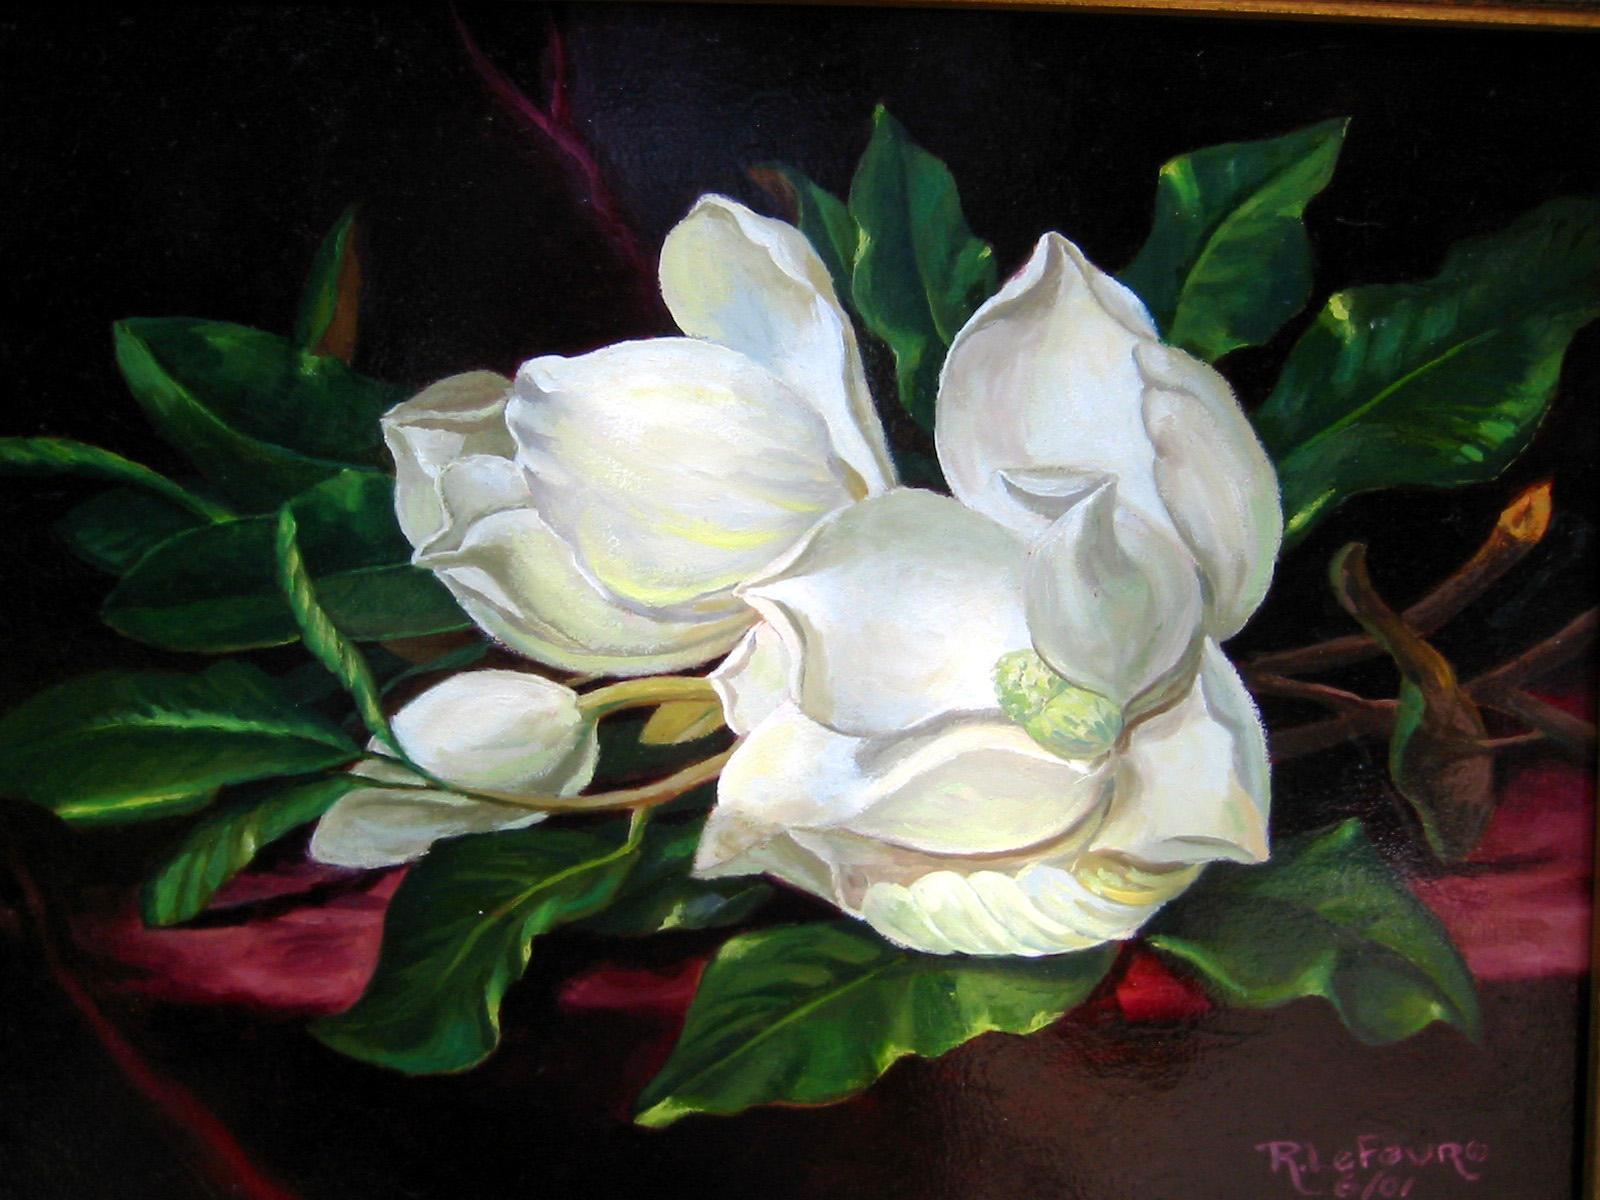 magnolias by Flaven